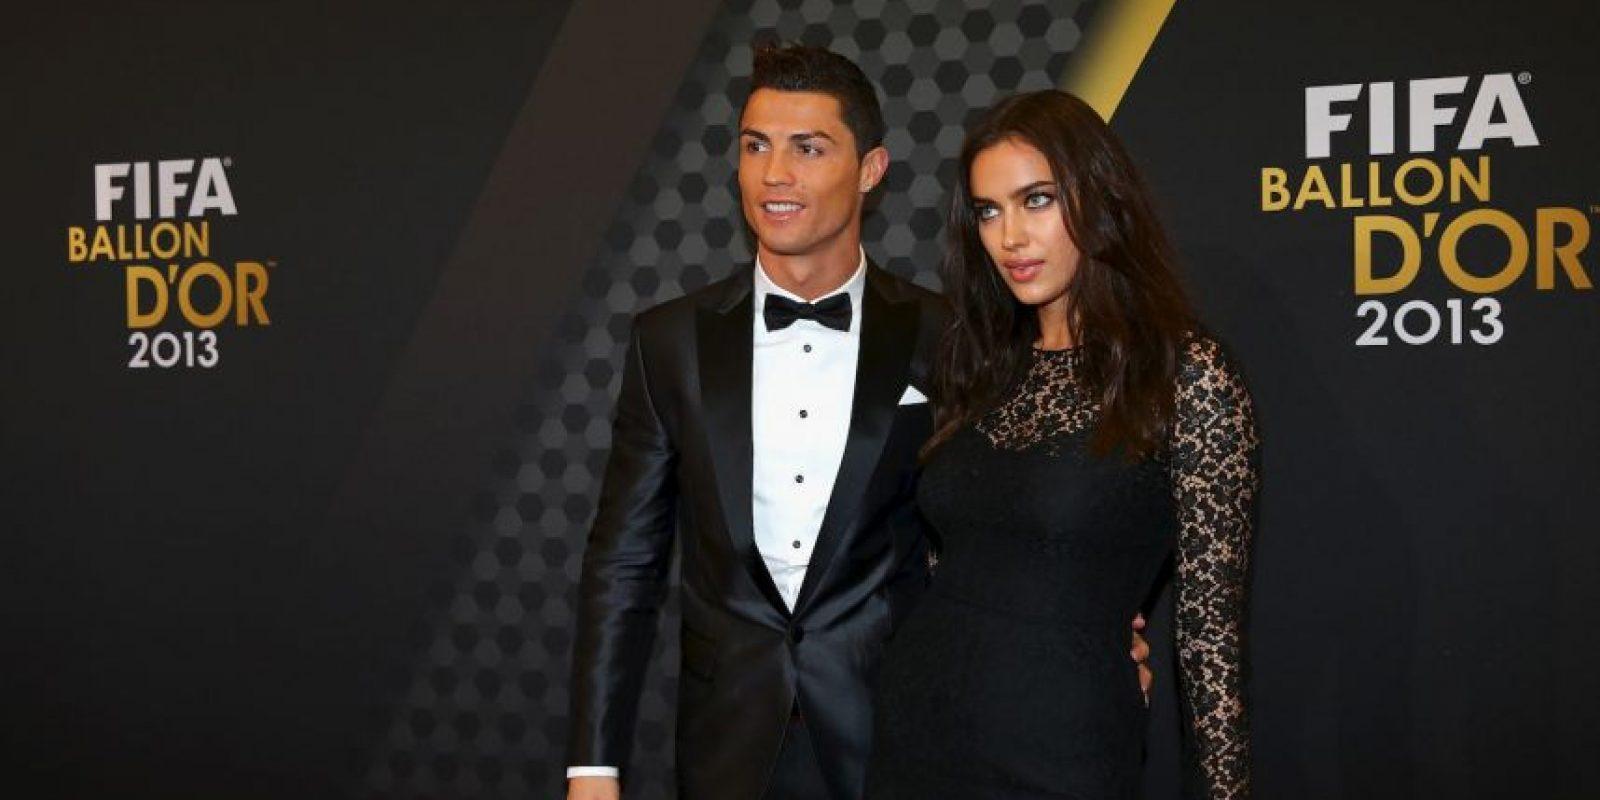 La modelo Irina Shayk acaba de anunciar su ruptura con el futbolista Cristiano Ronaldo Foto:Getty Images